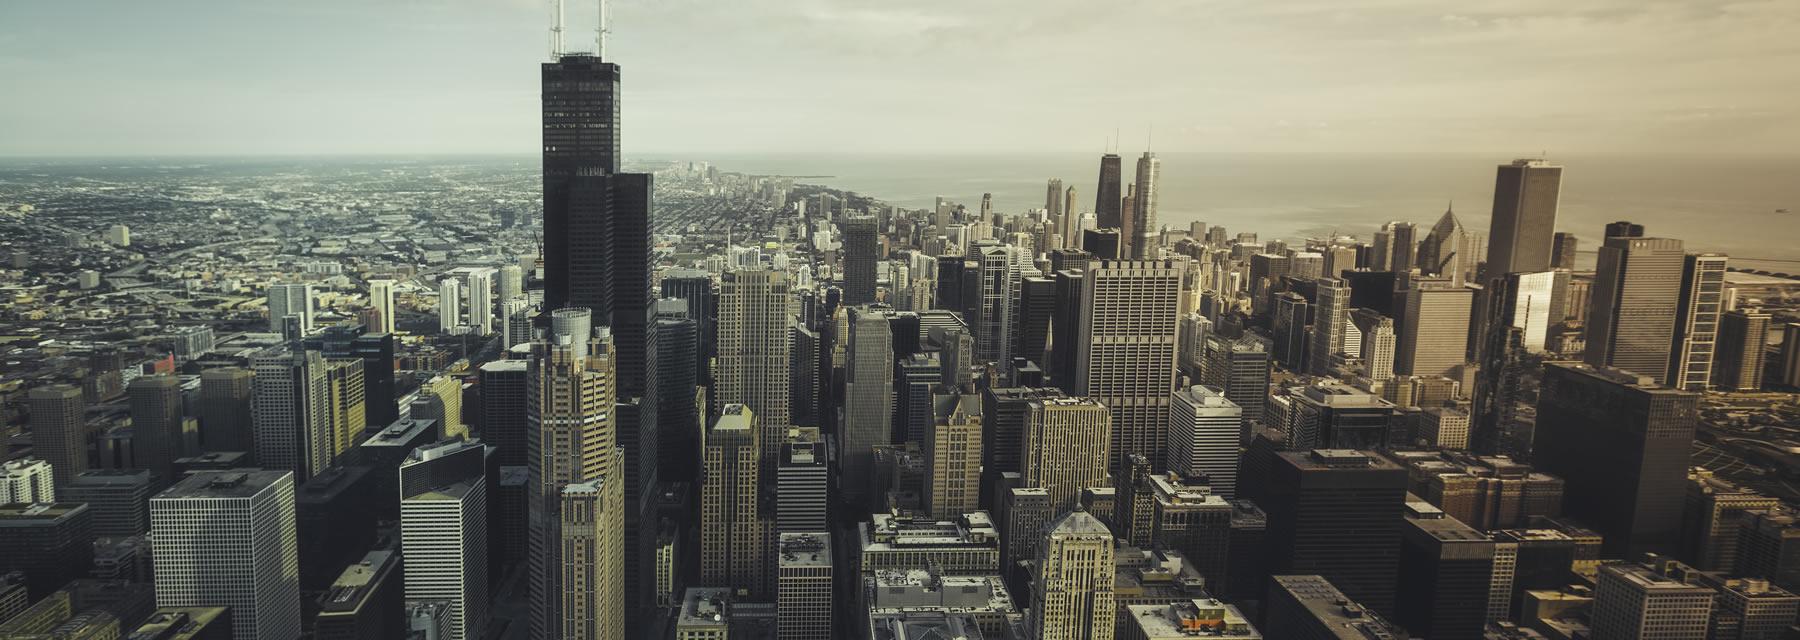 Chicago Executive Search